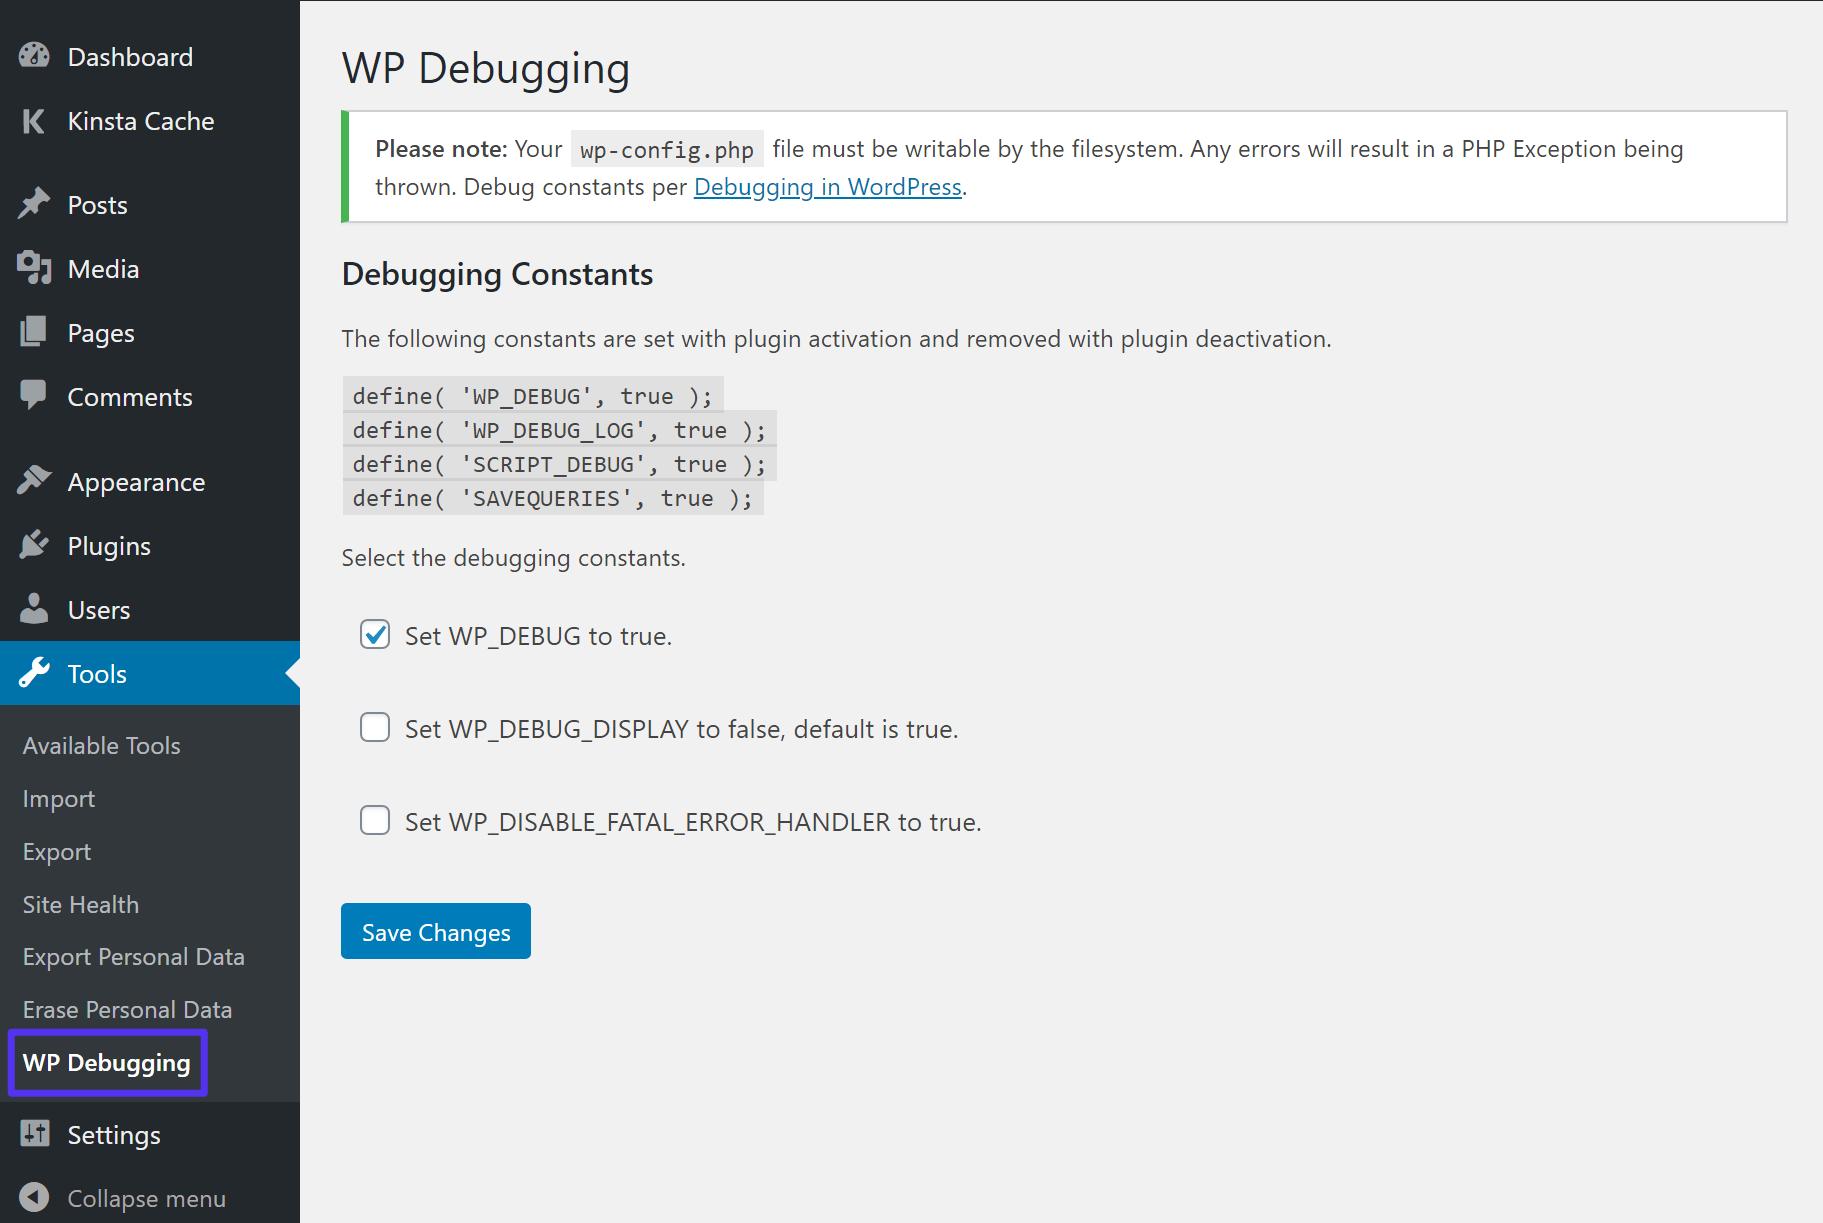 Configuración del plugin de depuración WP